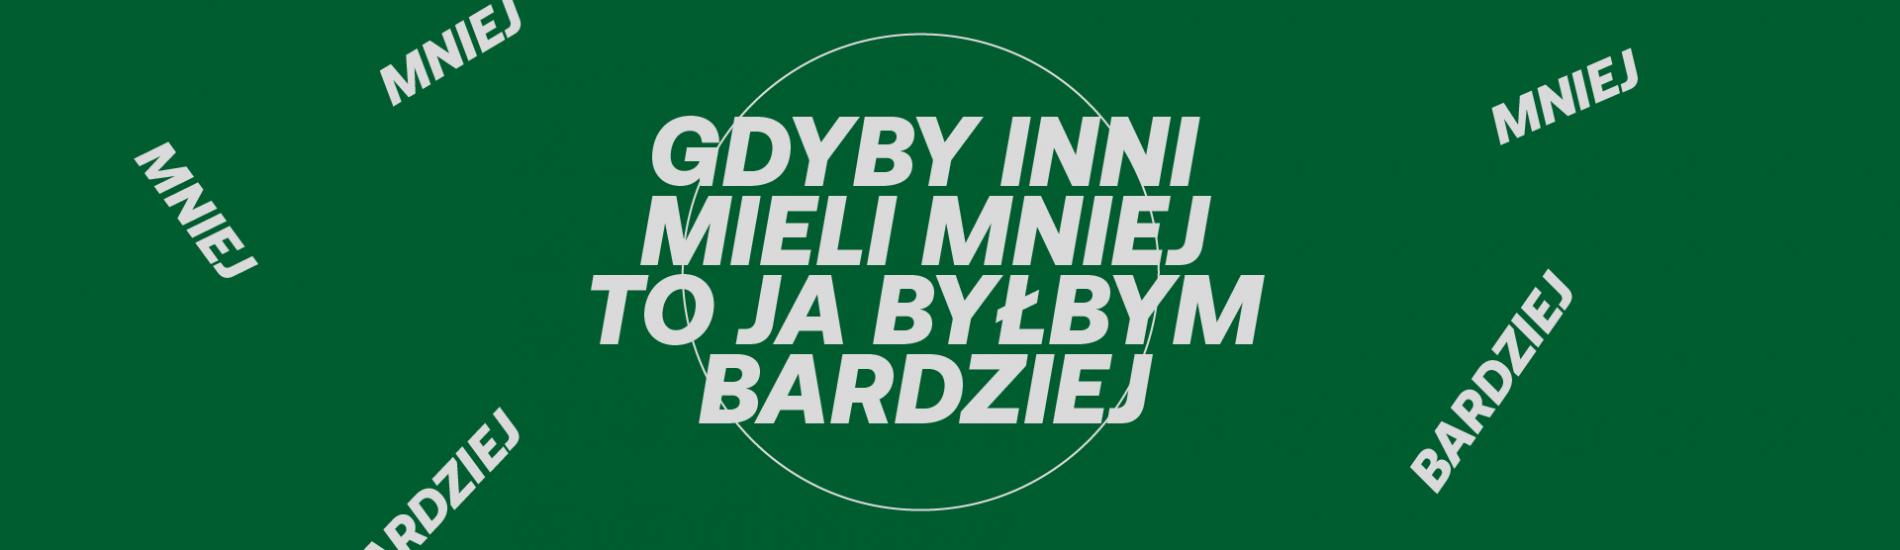 Przemek Gdański, Bank BGŻ BNP Paribas – rozmowa o odpowiedzialności